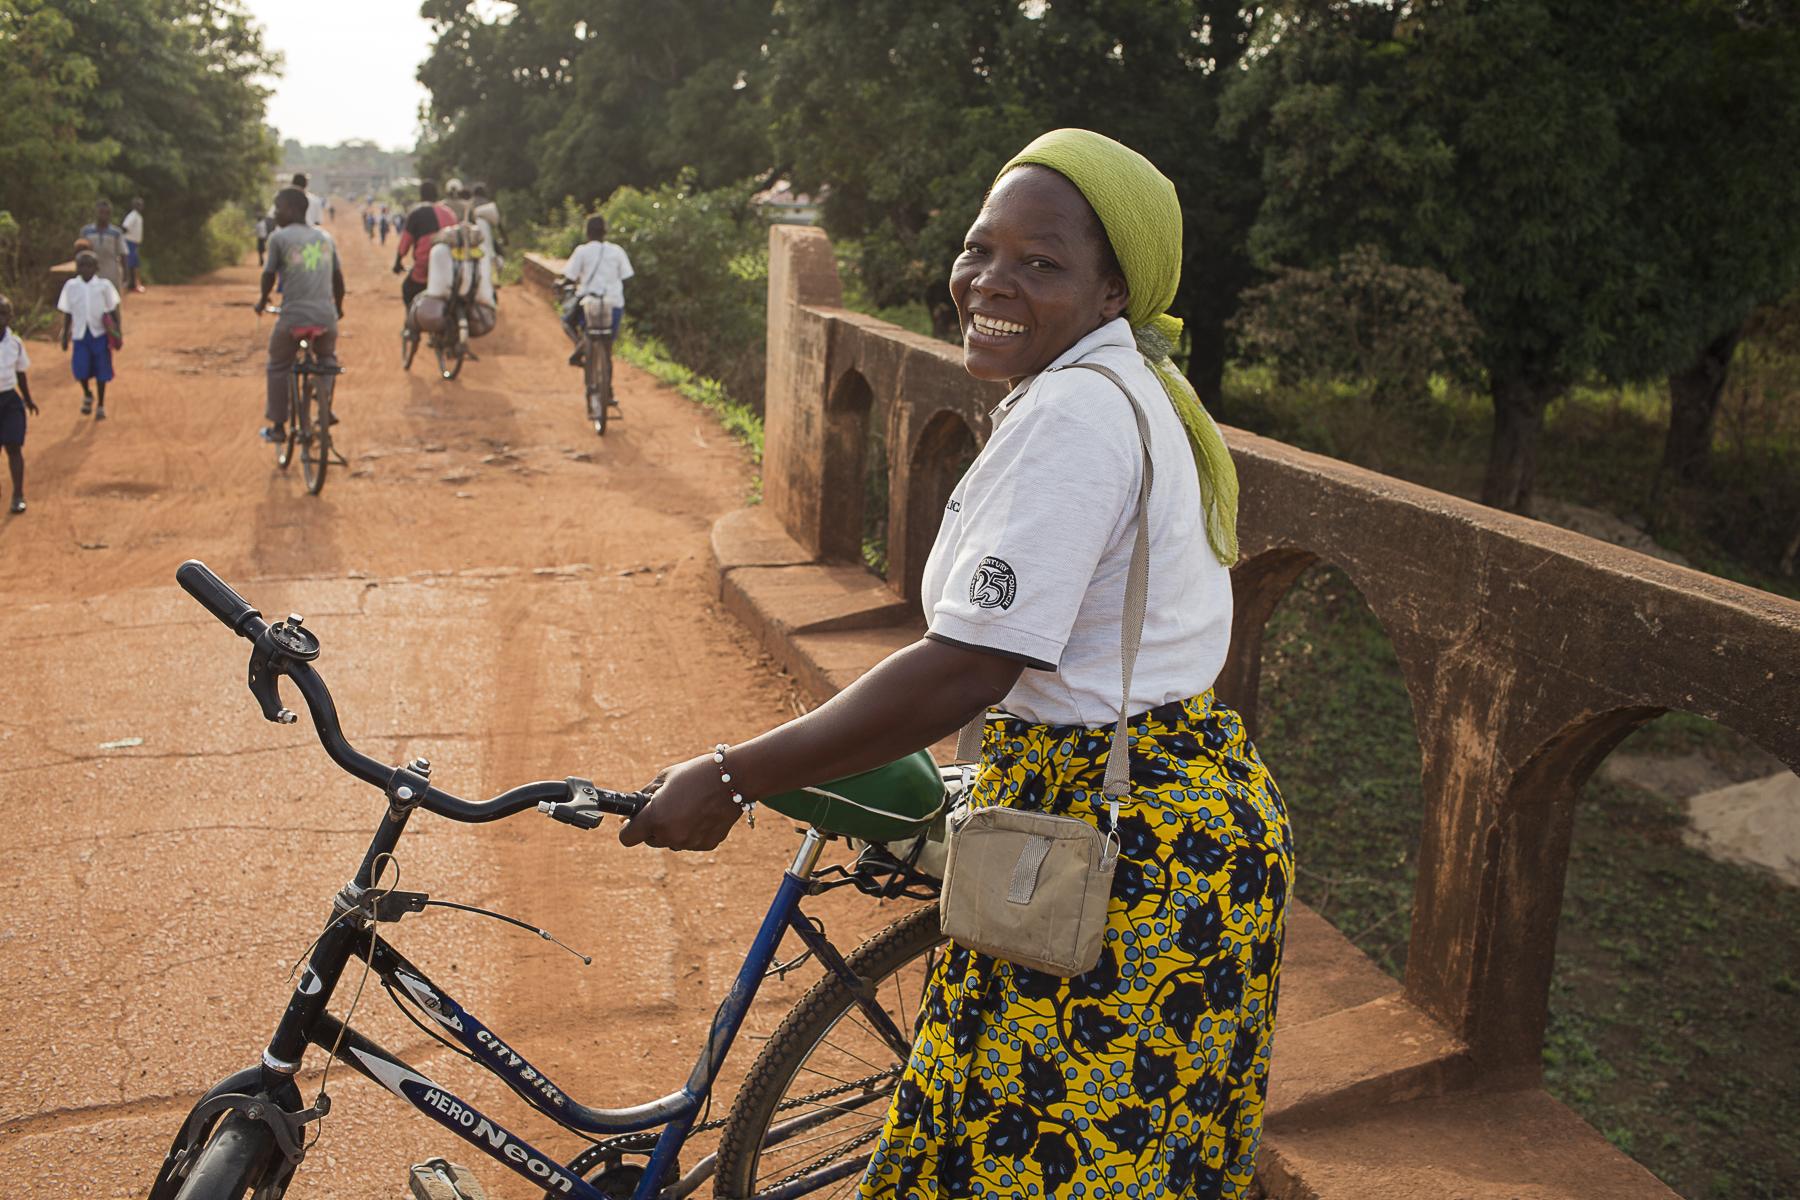 RDC, mai 2015.Soeur Angélique Namaika lauréate du Prix Nansel du Haut commissariat de L' ONU pour les réfugiés (lUNHCR) pour son action auprès des femmes du nord de la RDC et plus particulièrement les femmes et les enfants victimes des exactions de la LRA du tristement célèbre Joseph Kony.